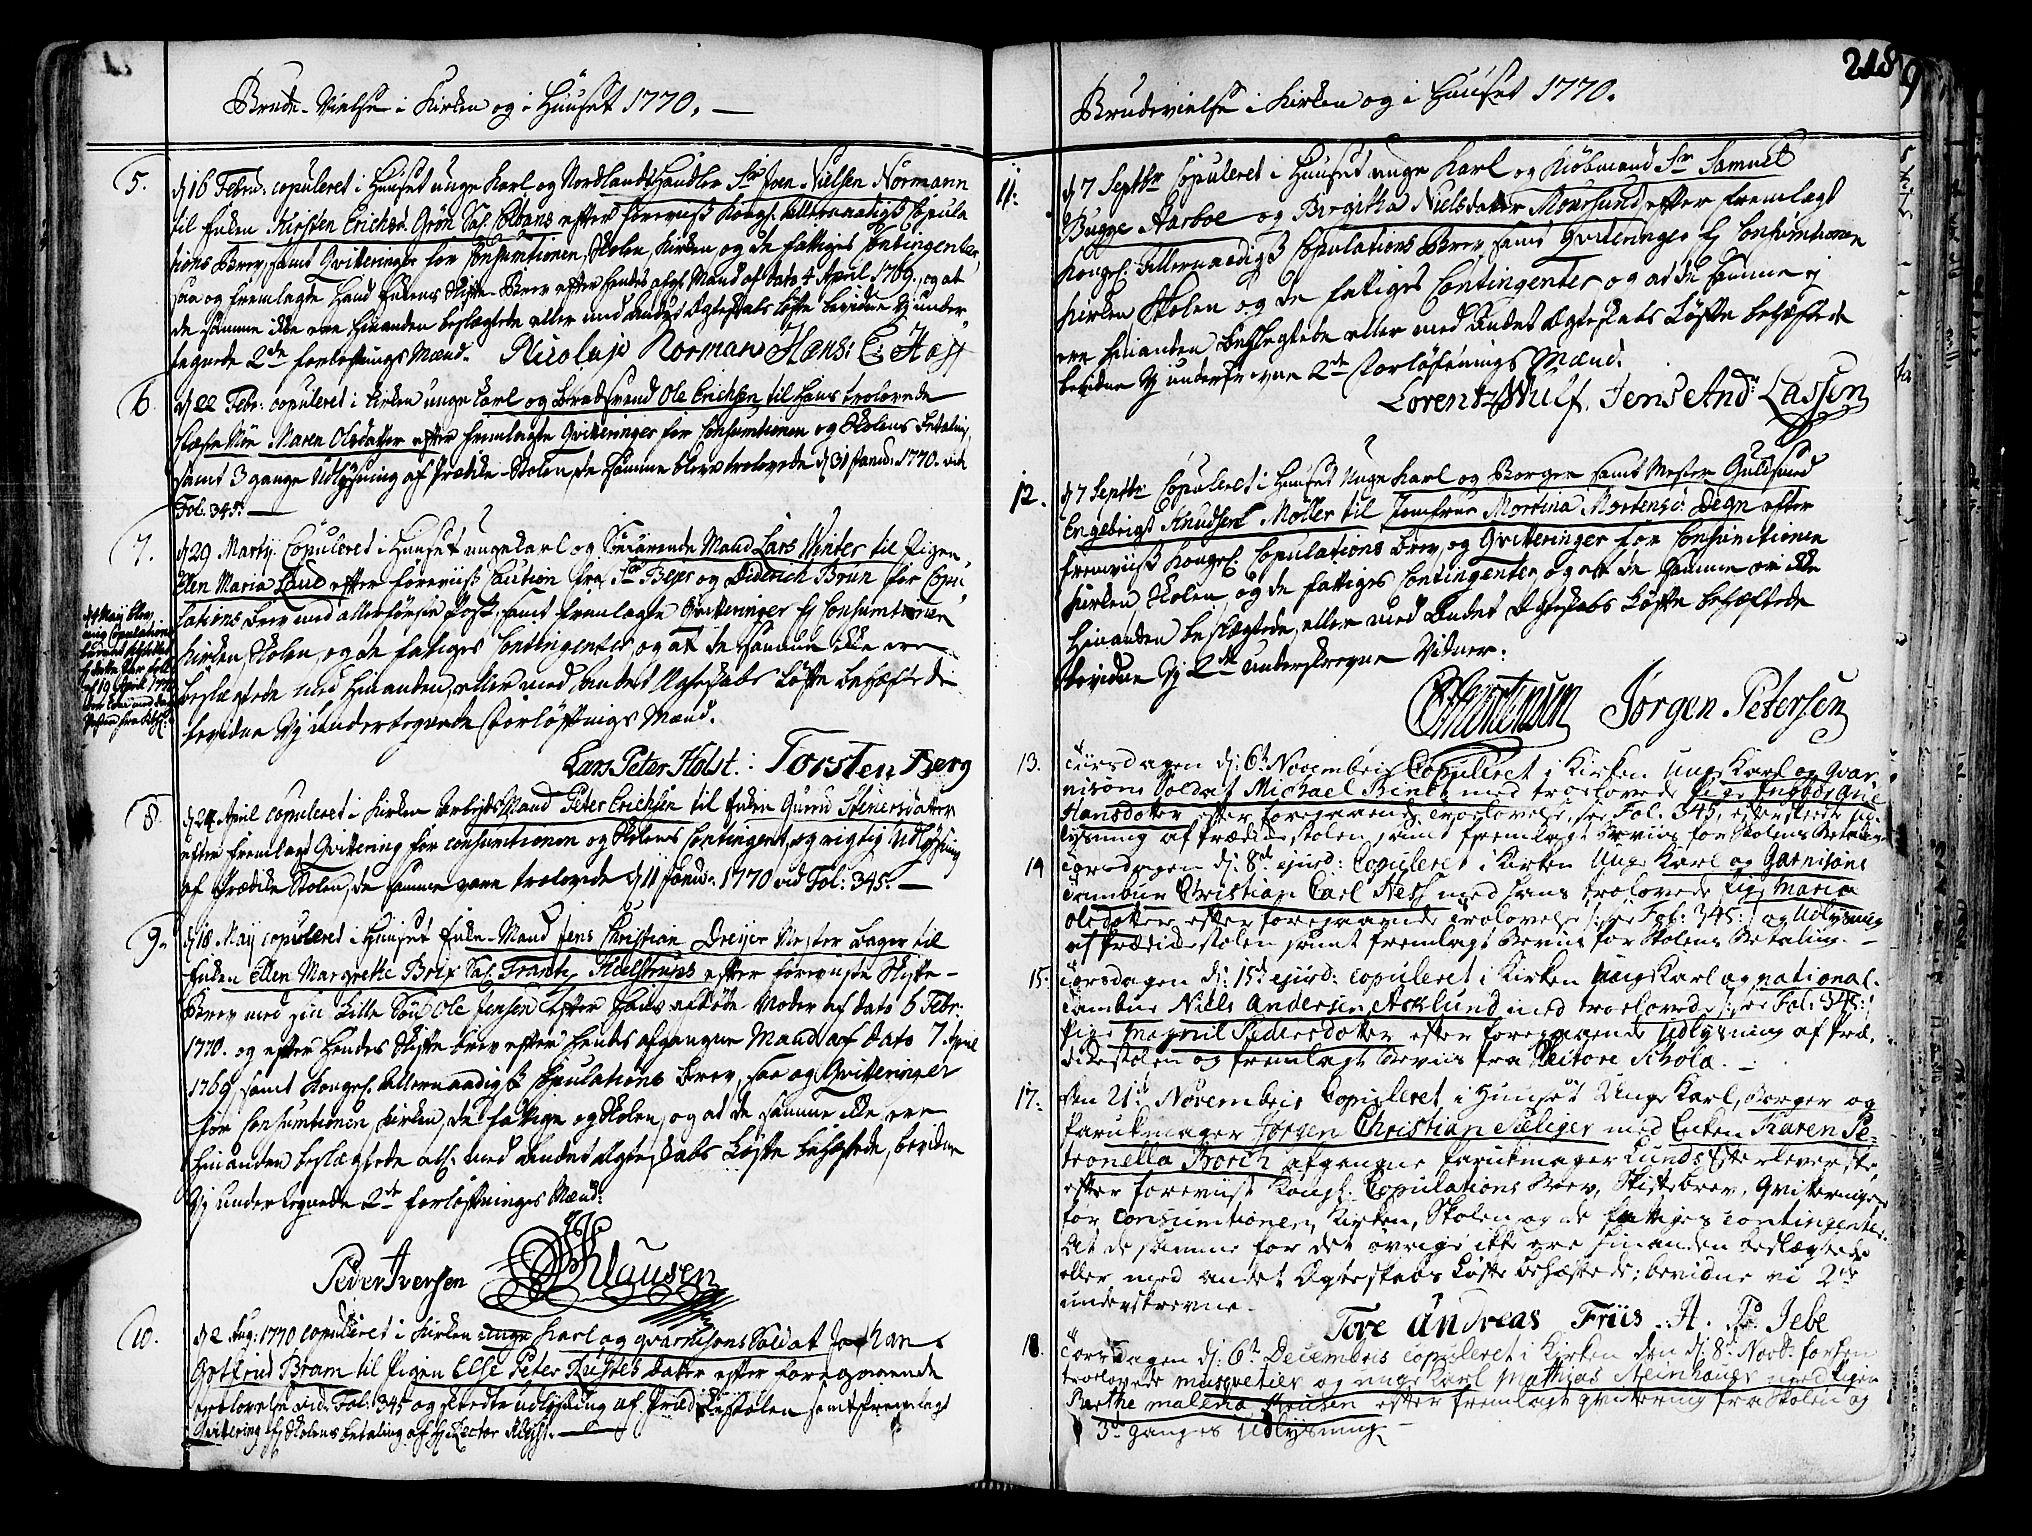 SAT, Ministerialprotokoller, klokkerbøker og fødselsregistre - Sør-Trøndelag, 602/L0103: Ministerialbok nr. 602A01, 1732-1774, s. 218